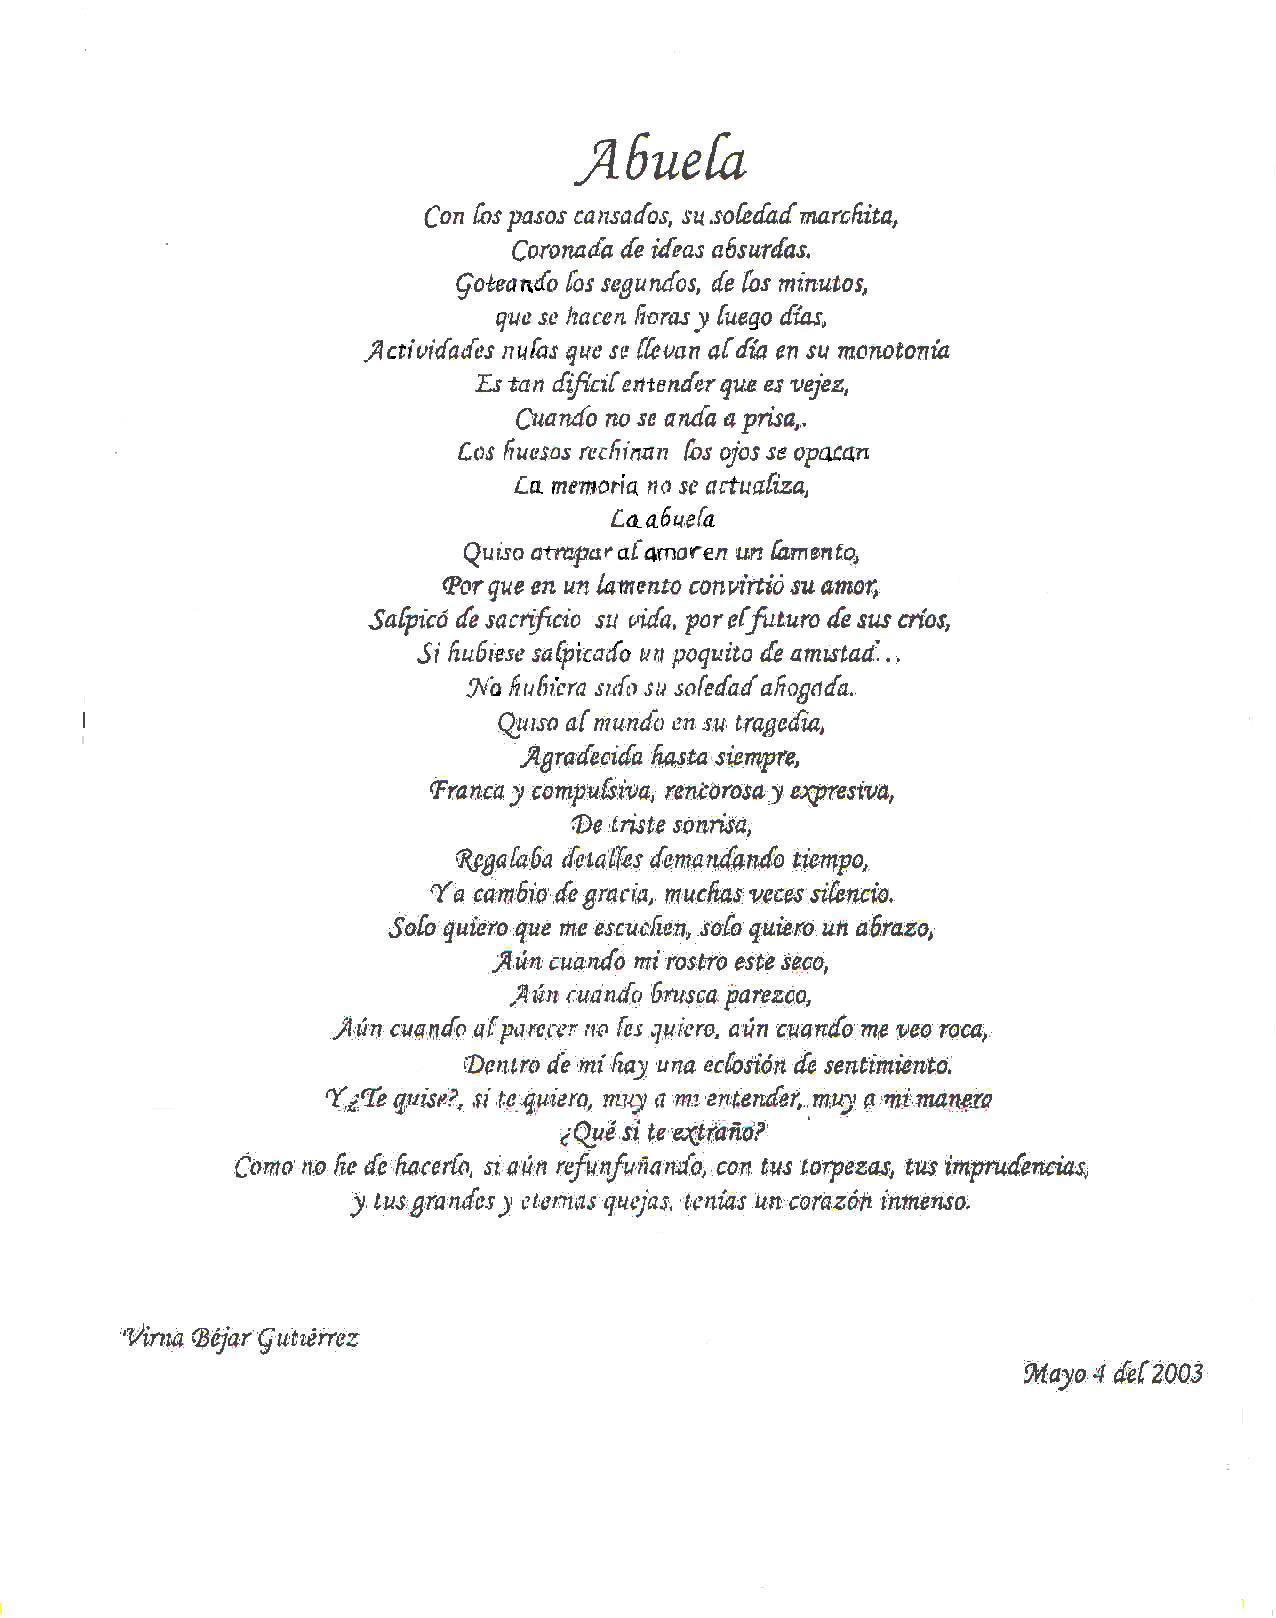 Carta escrita por Virna para la abuela